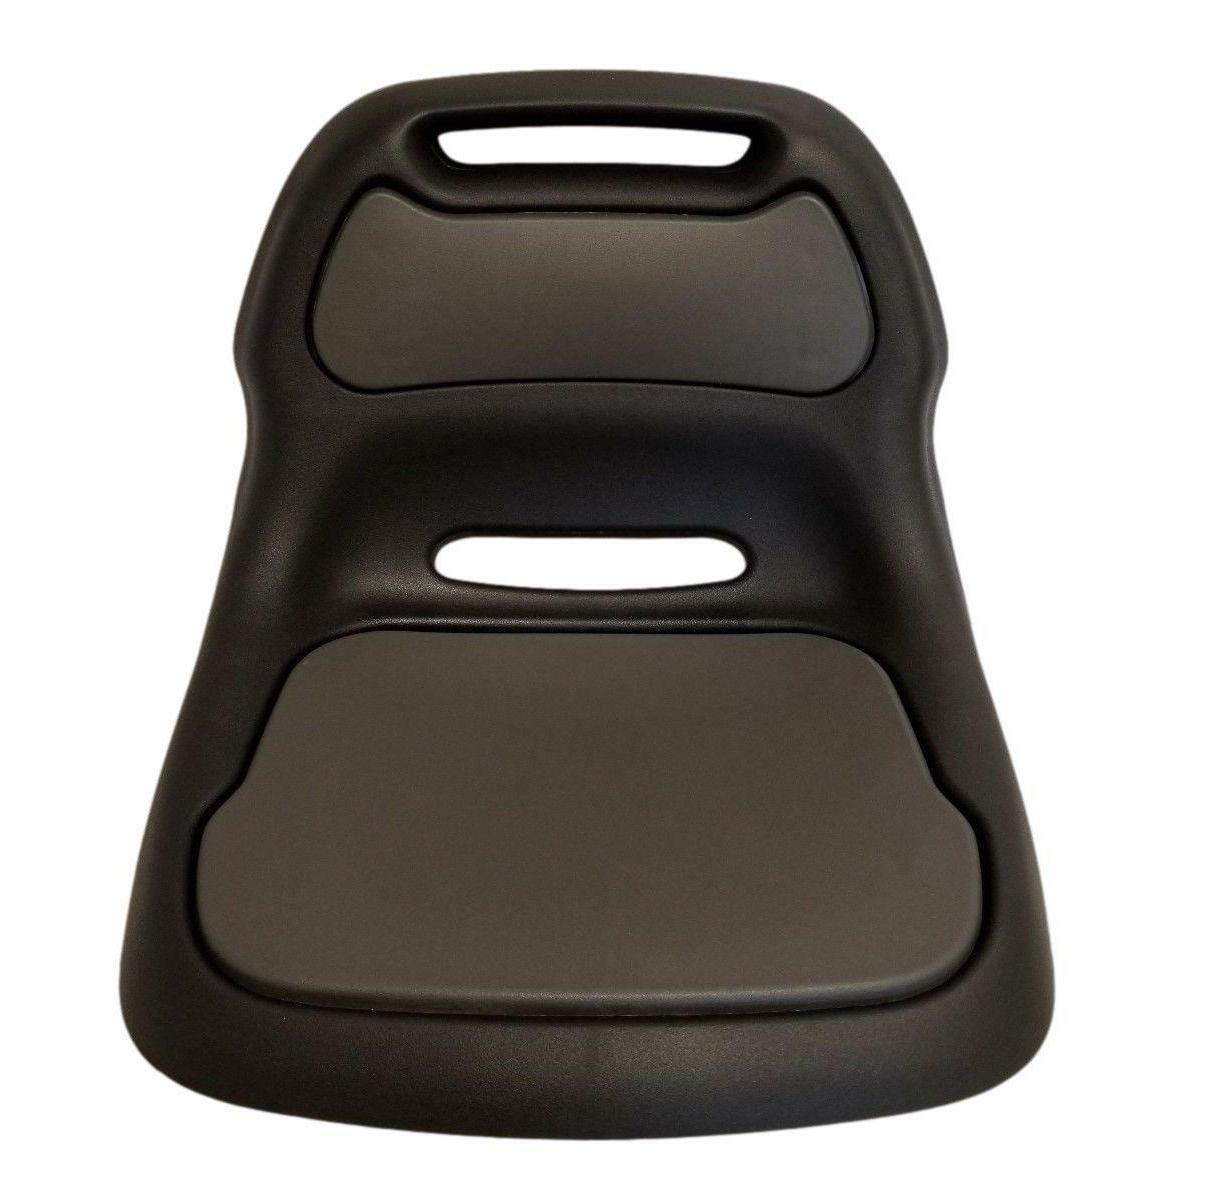 Sturdy Plastic Craftsman Black Lawn Seat Back Sears